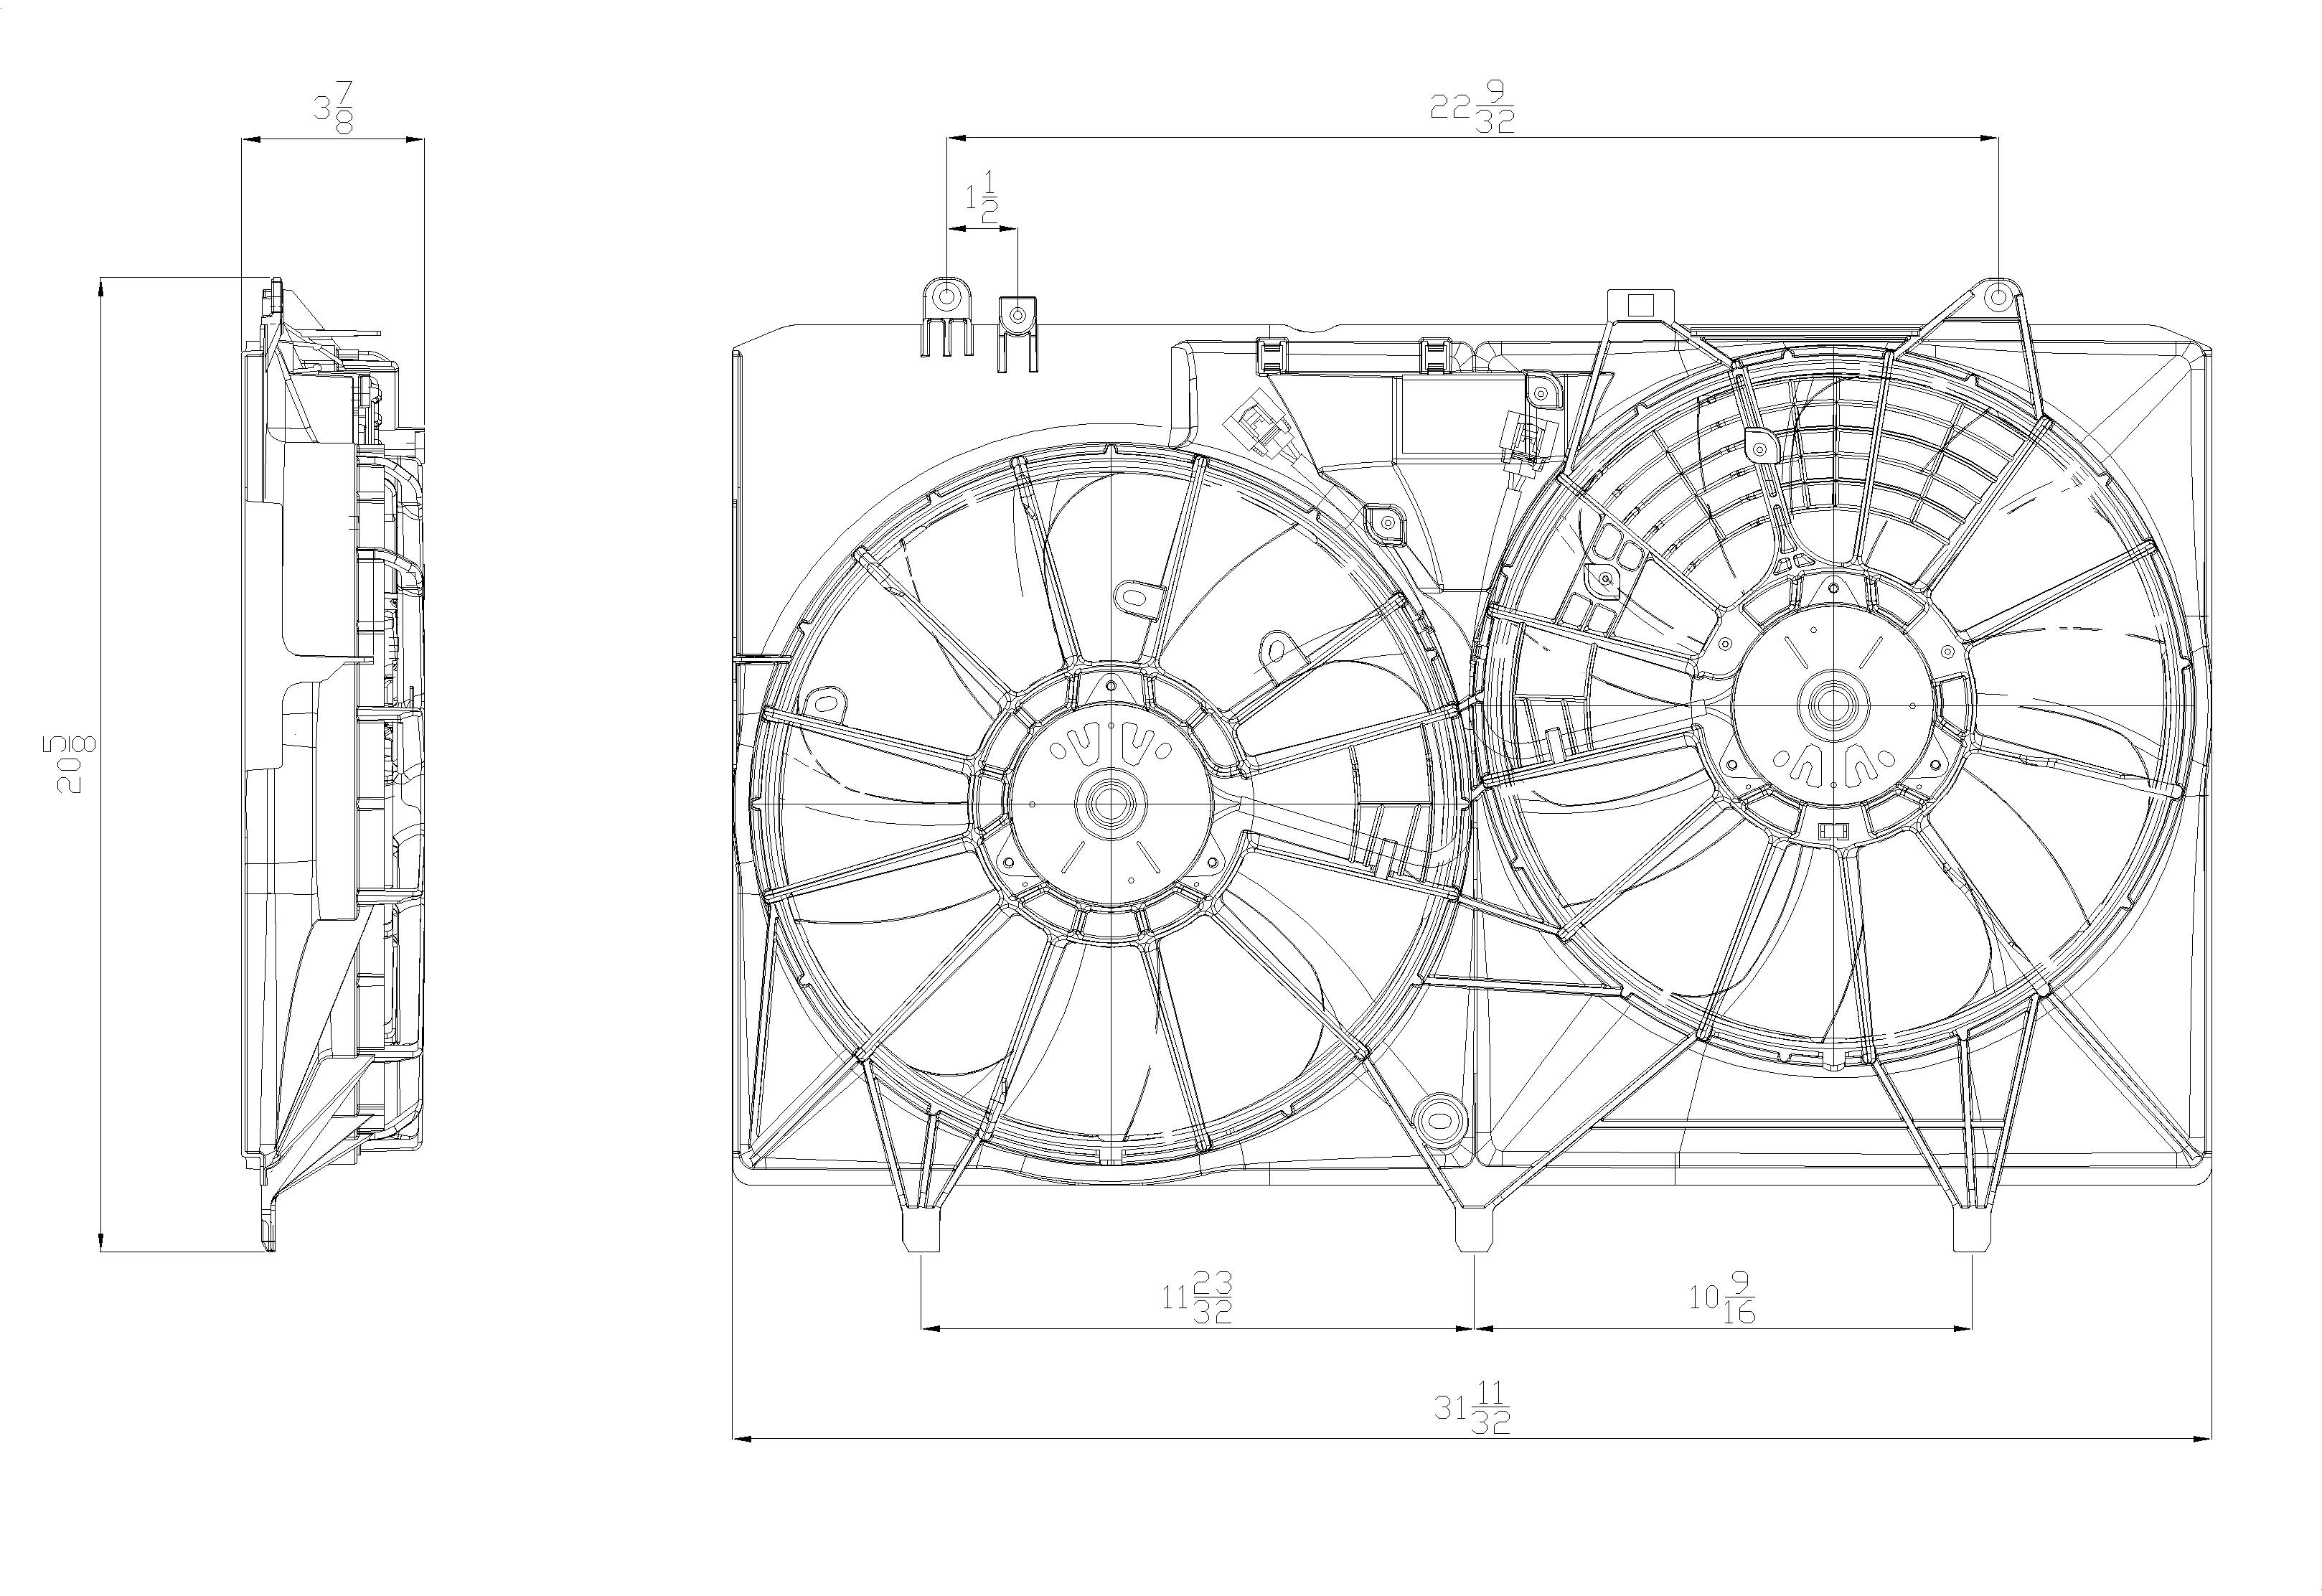 TYC # 622680 Radiator Fan Fits OE # 16711-31460